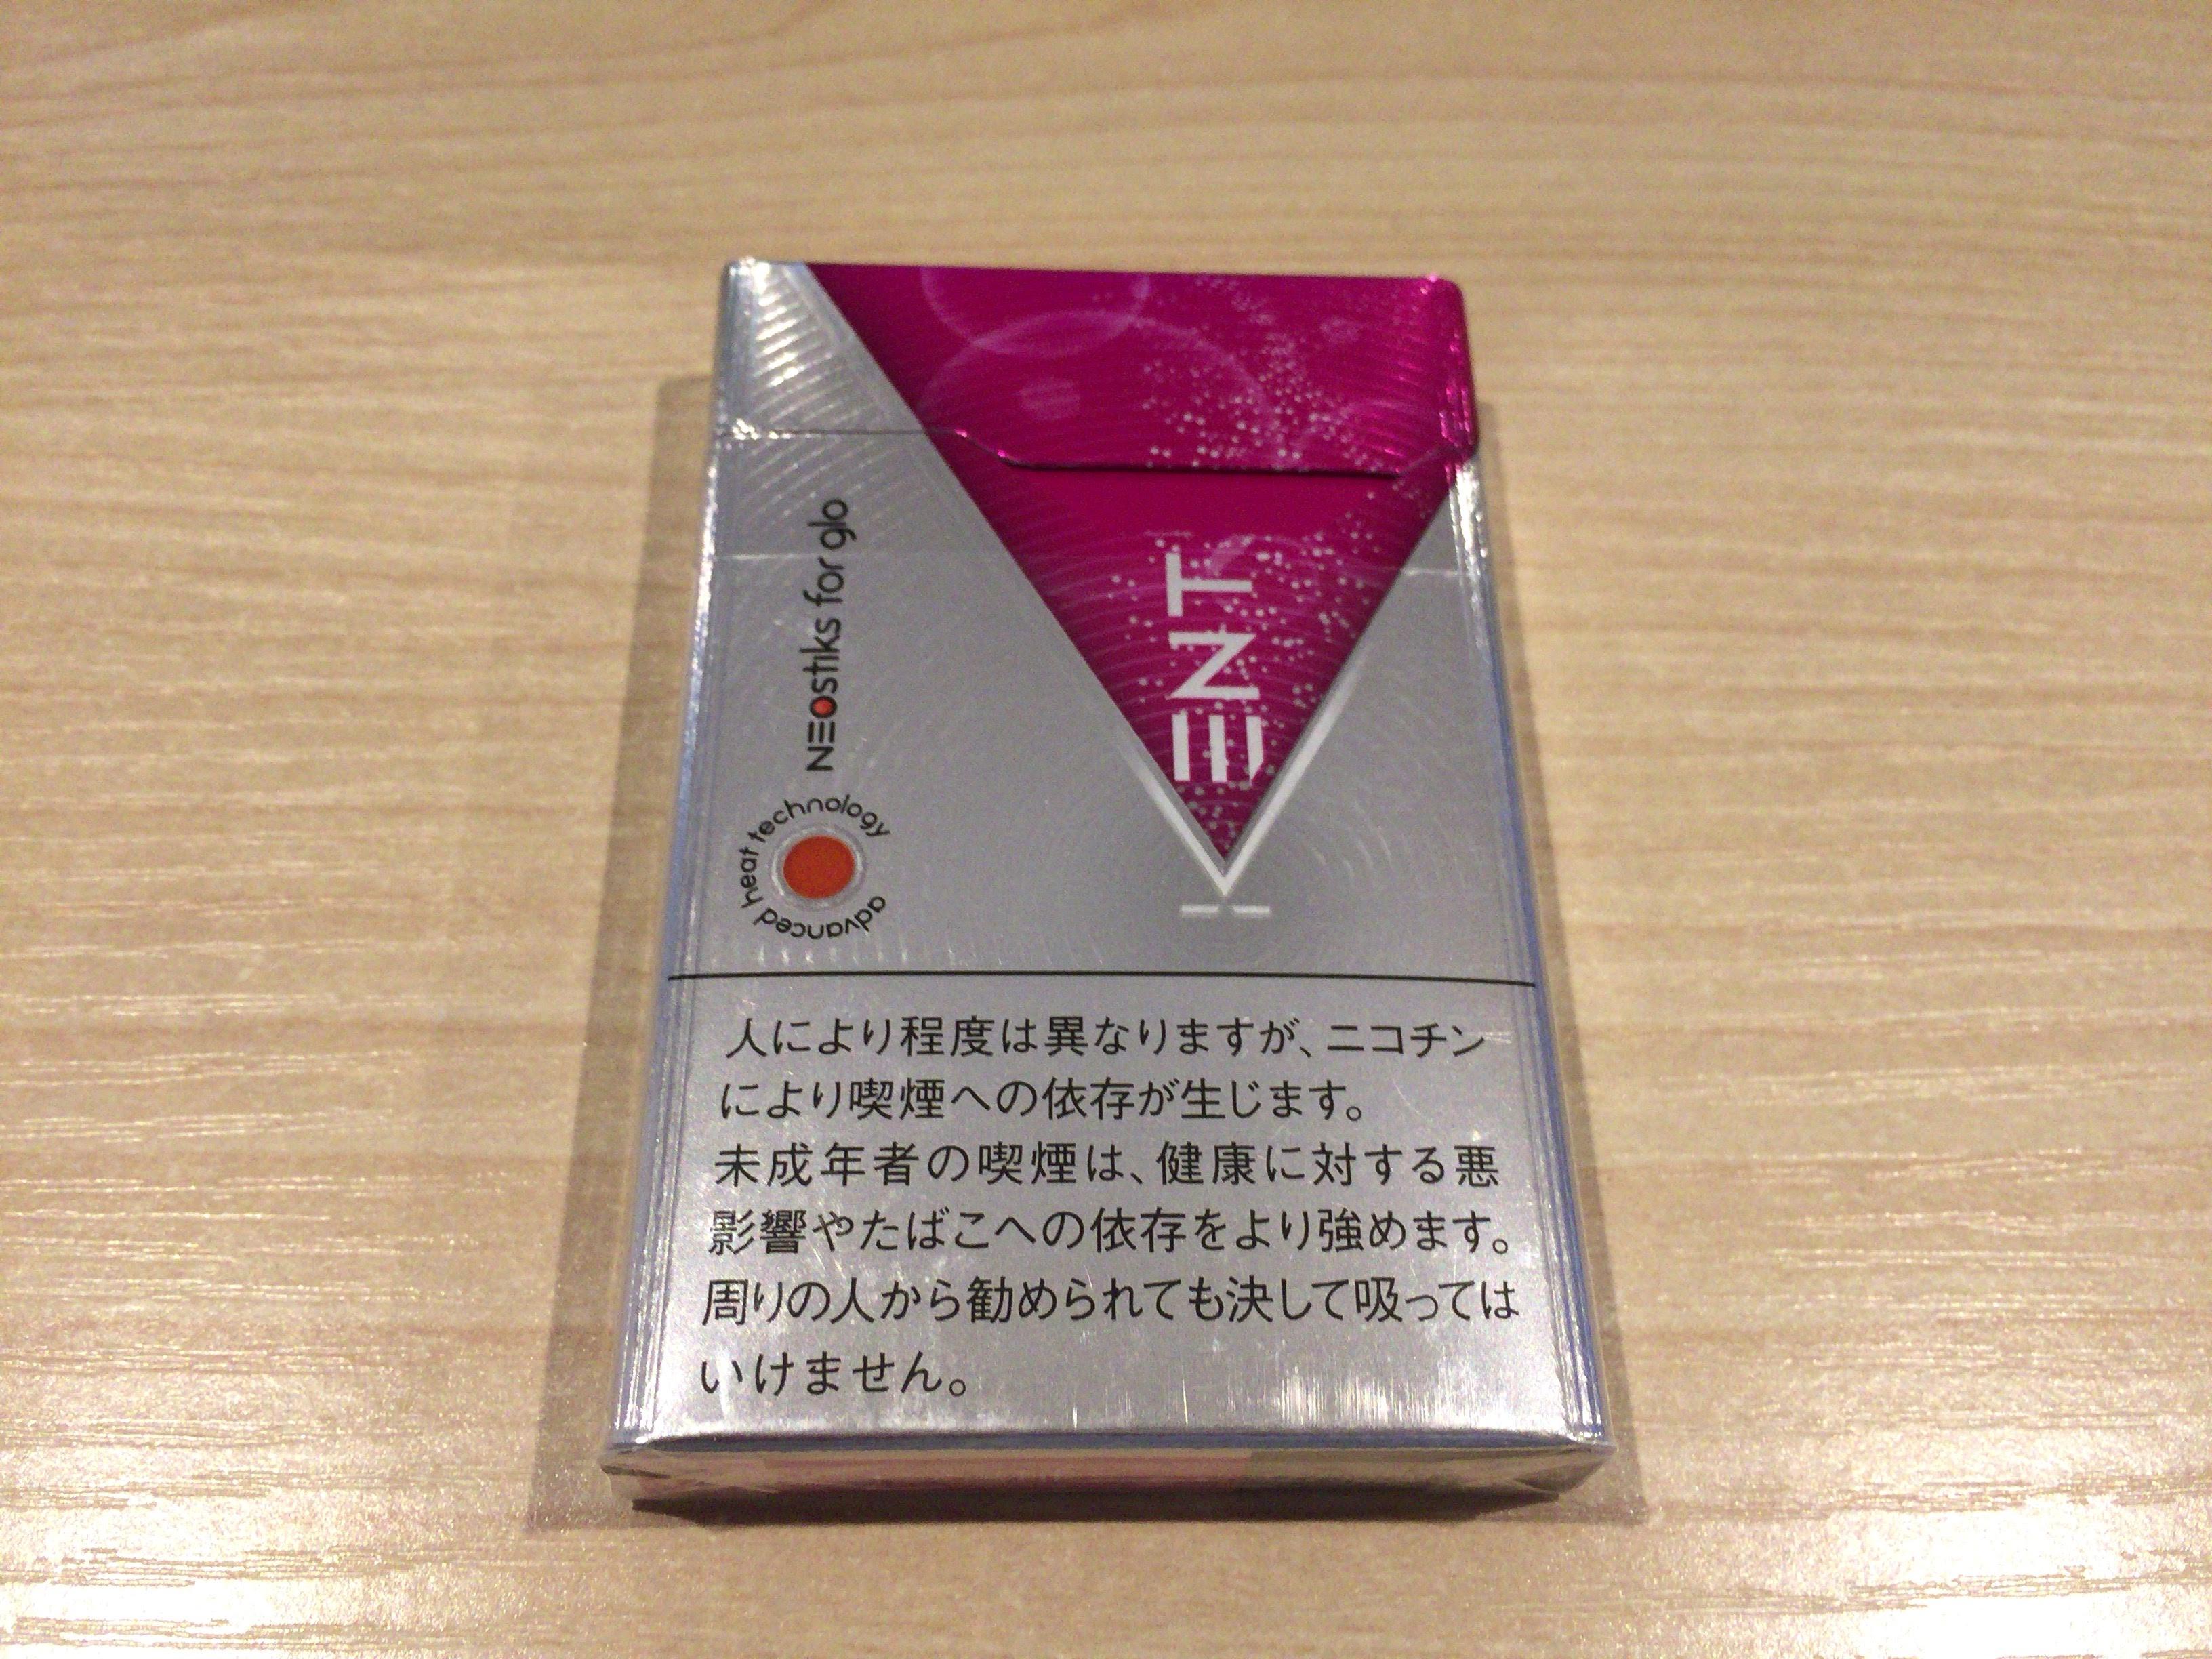 グロースパーク・フレッシュ味【ピンク色】